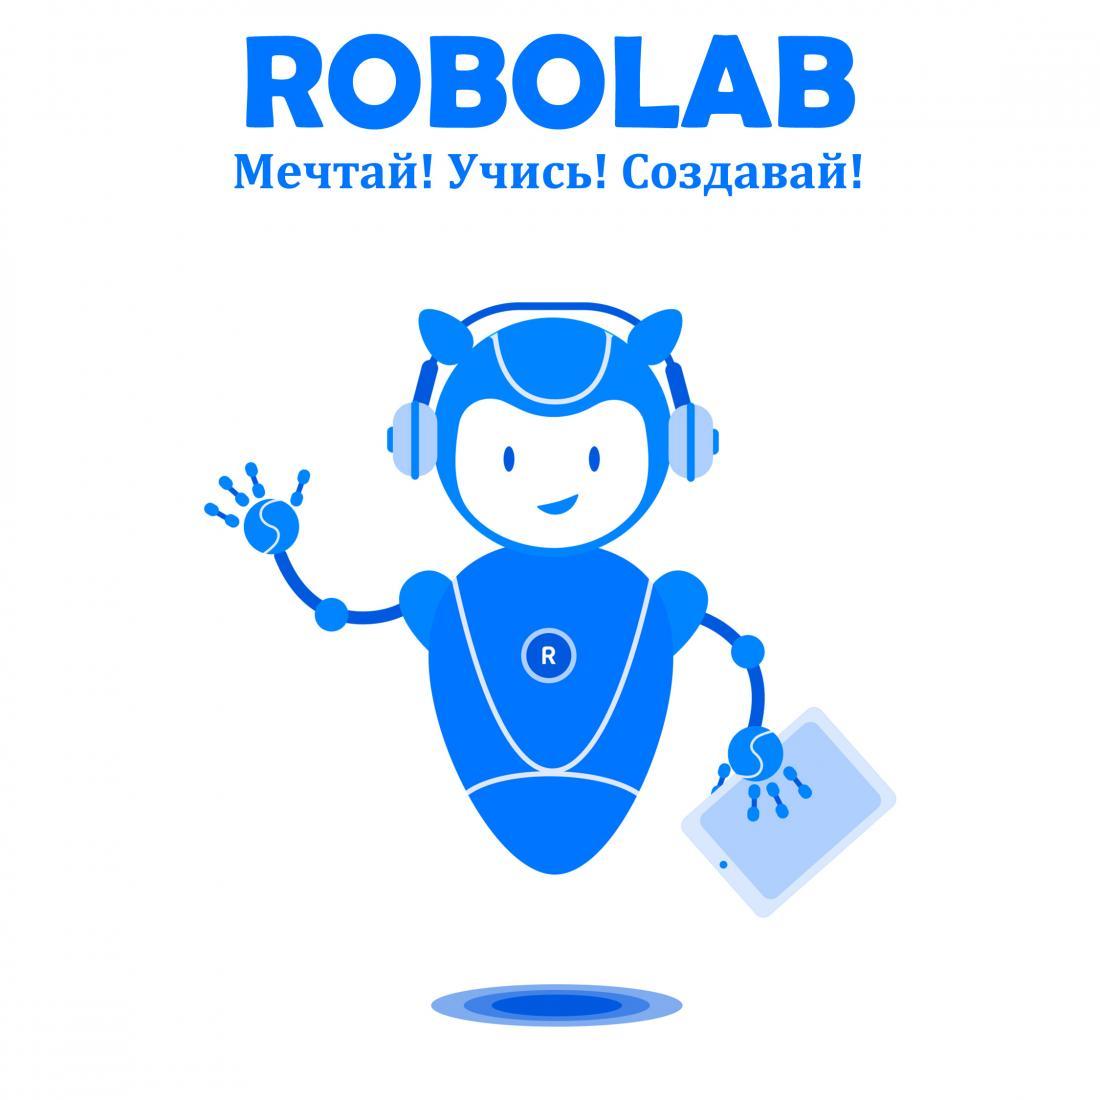 """Пробное занятие бесплатно (0 руб)! Курсы по программированию, робототехнике для детей, подготовке к школе со скидкой 15% в центре """"Роболаб"""" в Гомеле"""